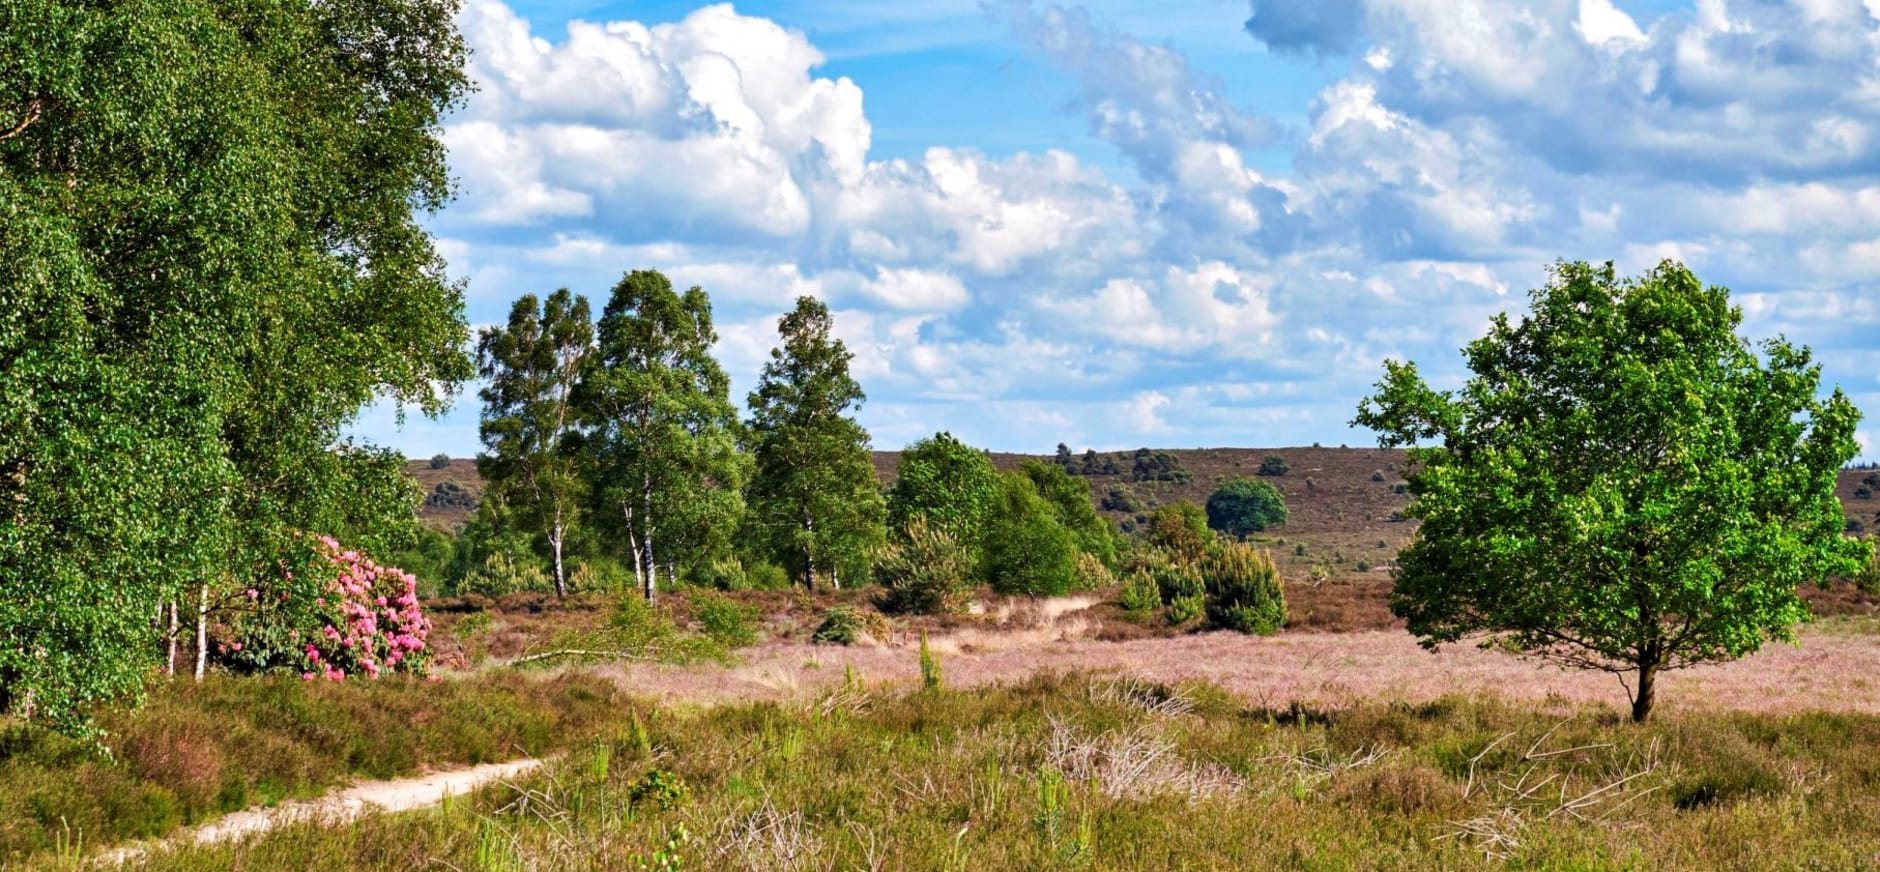 Sallandse Heuvelrug met uitgestrekte vergezichten heide bos en bloeiende rododendrons